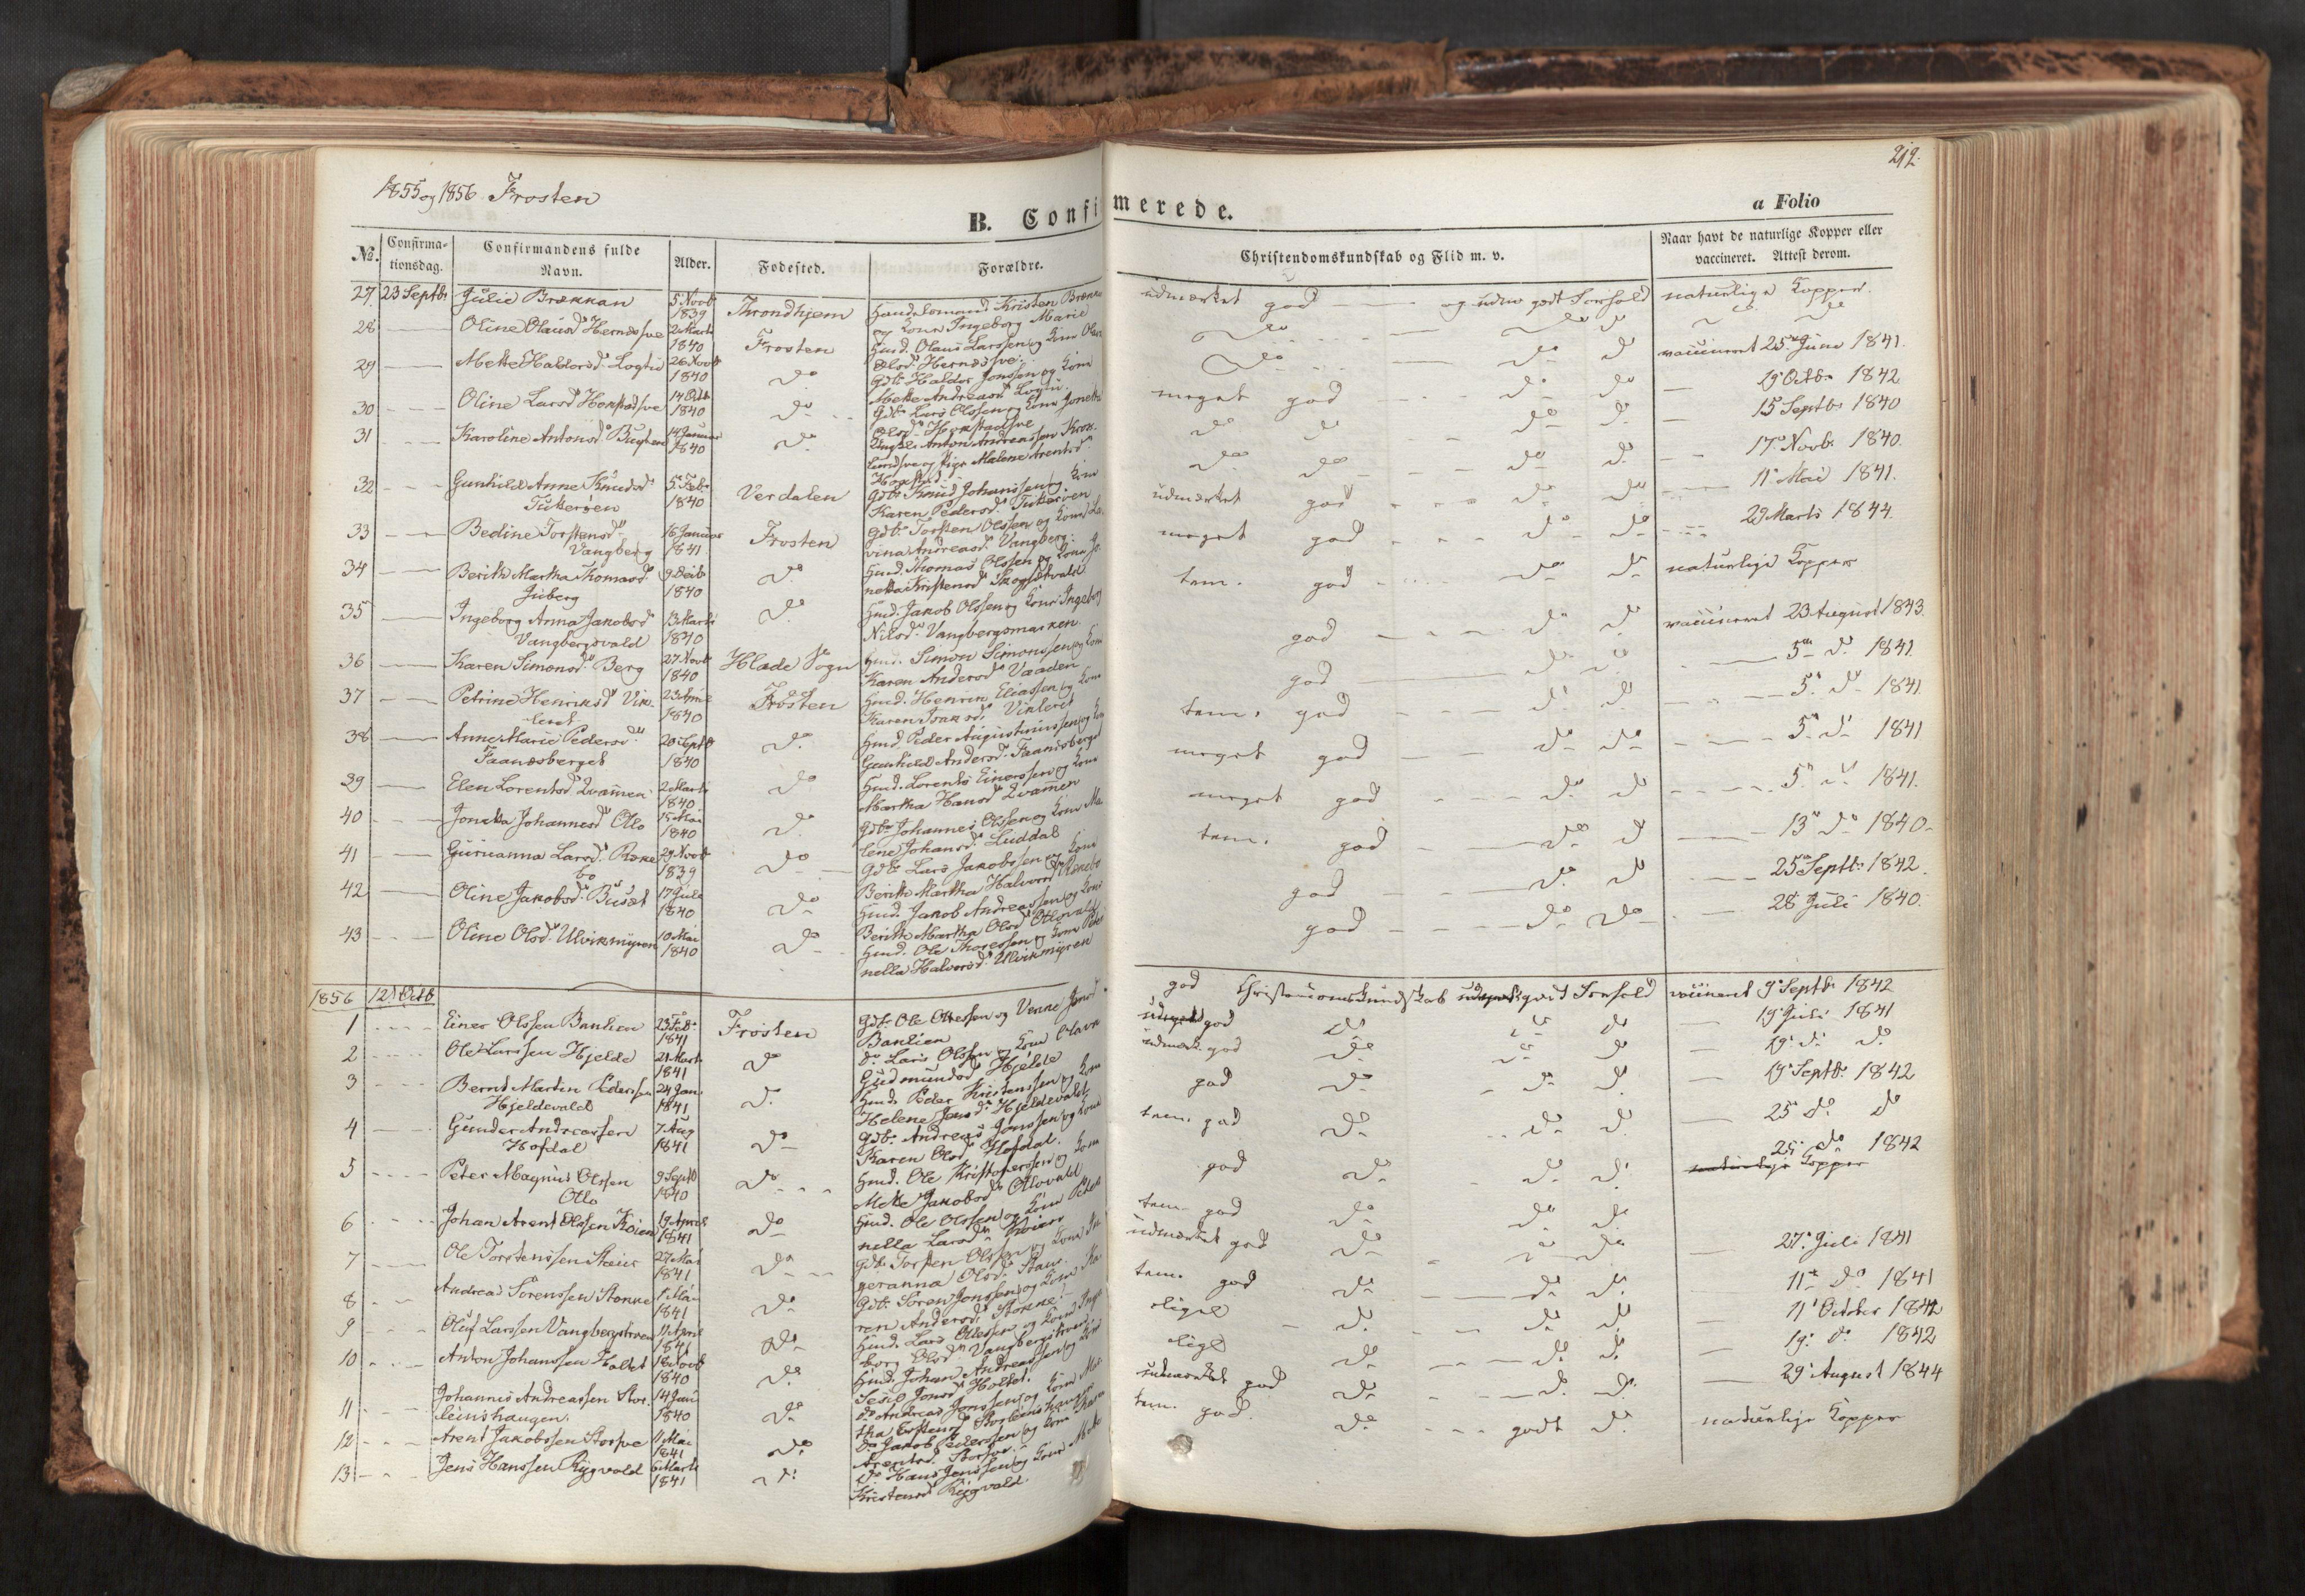 SAT, Ministerialprotokoller, klokkerbøker og fødselsregistre - Nord-Trøndelag, 713/L0116: Ministerialbok nr. 713A07, 1850-1877, s. 212